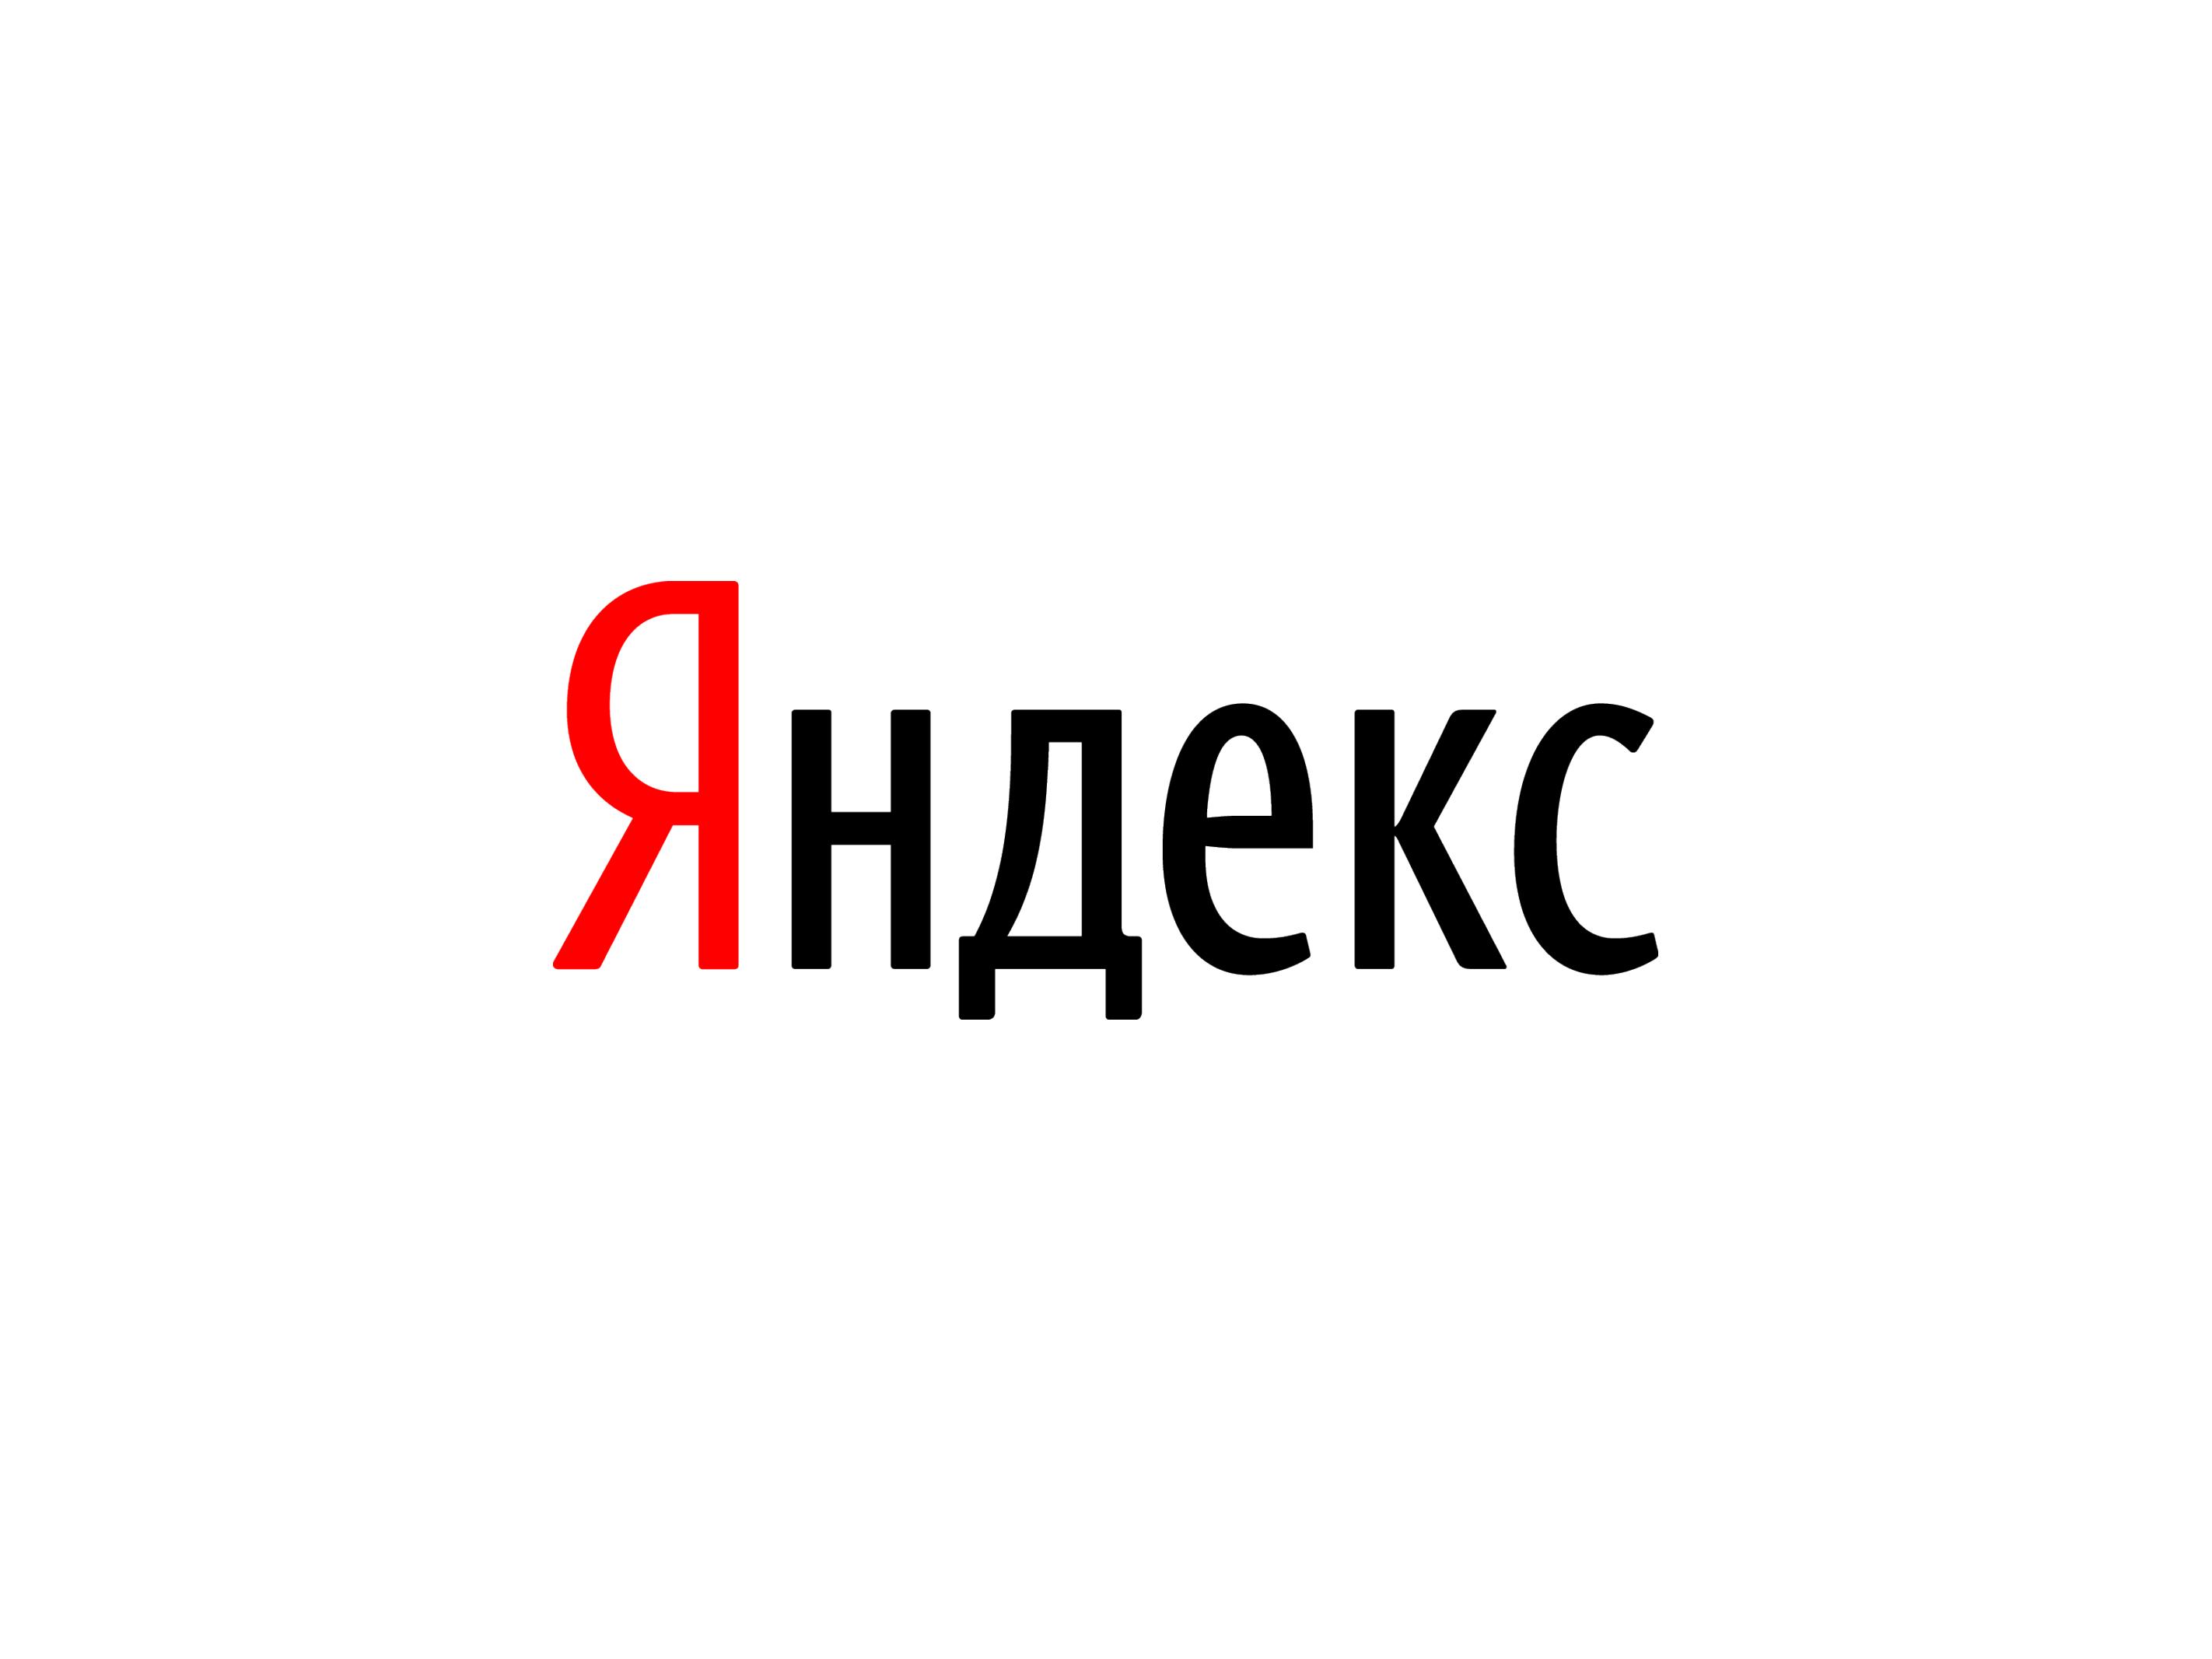 Яндекс продолжает утрачивать свои позиции на поисковом рынке РФ